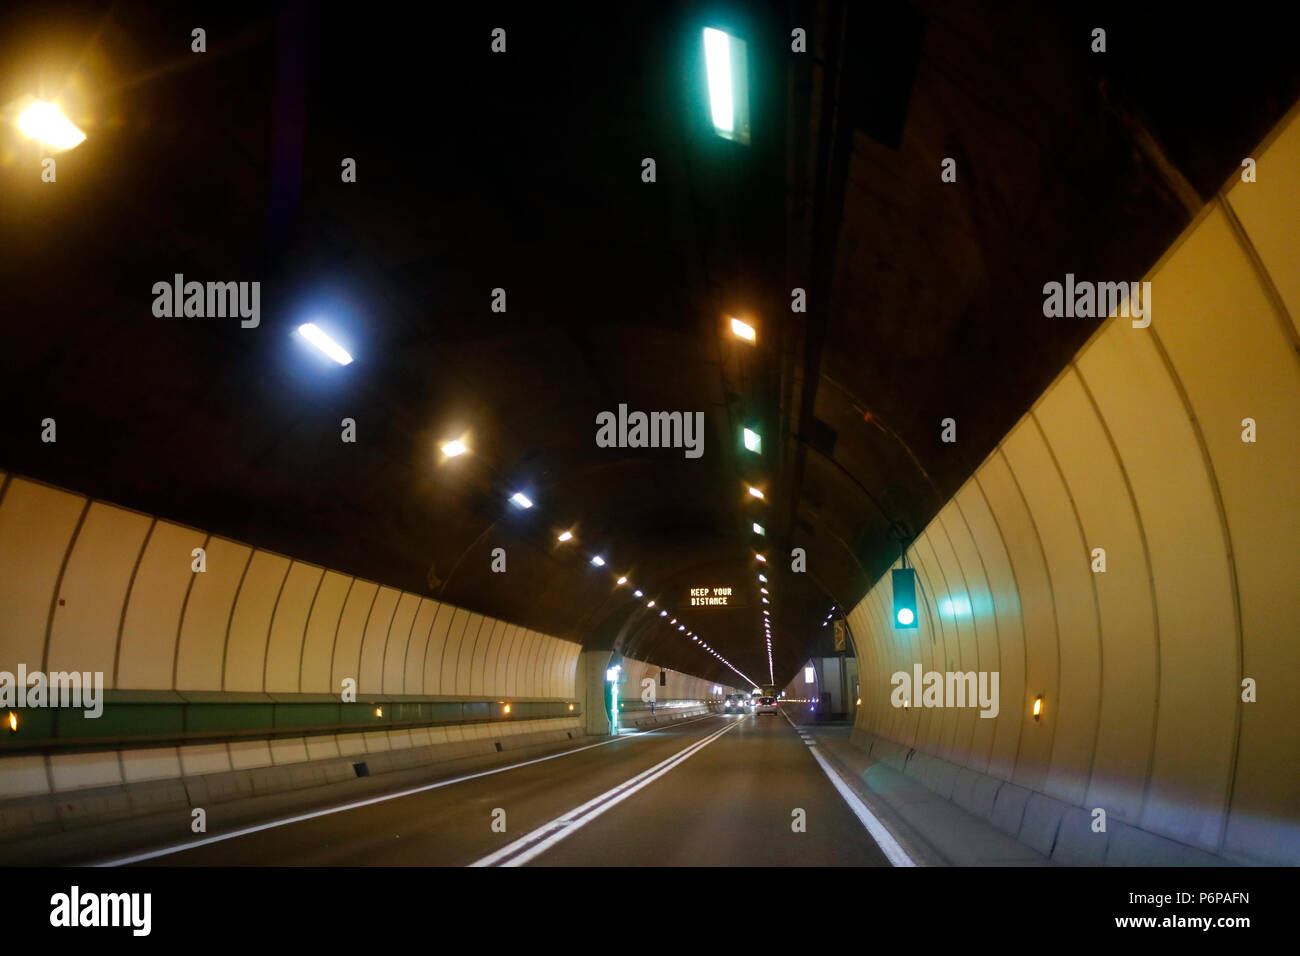 Le Tunnel du Mont-Blanc est un tunnel routier en Europe, sous le Mont Blanc dans les Alpes. Chamonix. La France. Banque D'Images